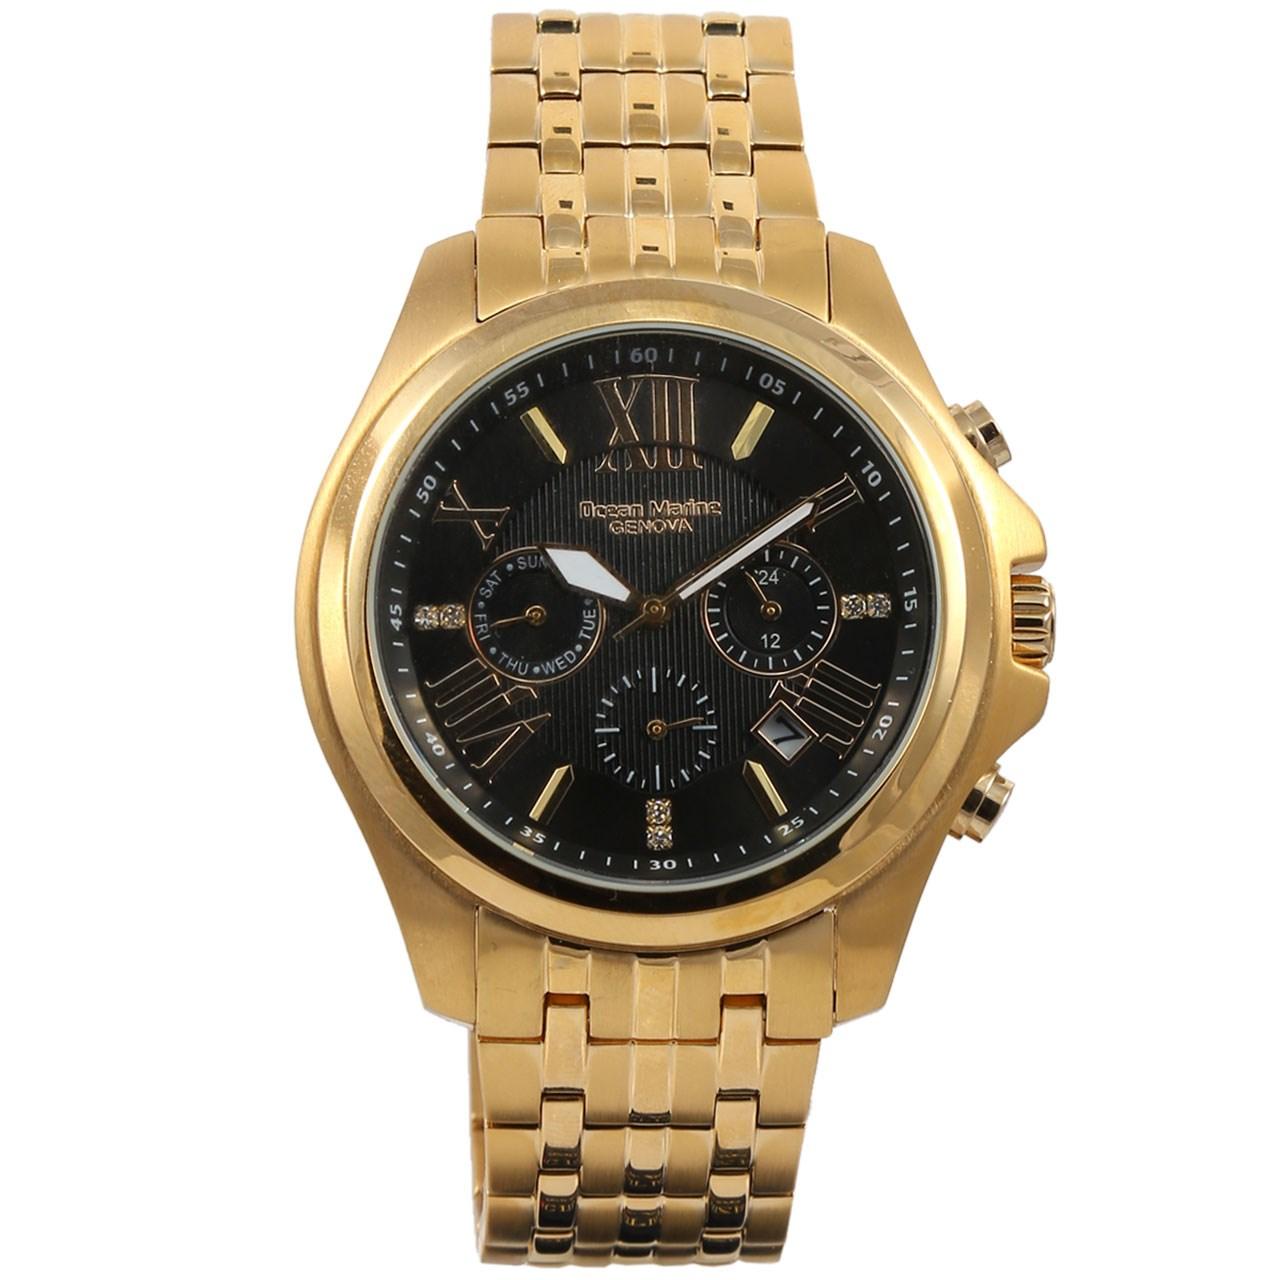 ساعت مچی عقربه ای مردانه اوشن مارین مدل OM9959-1 54